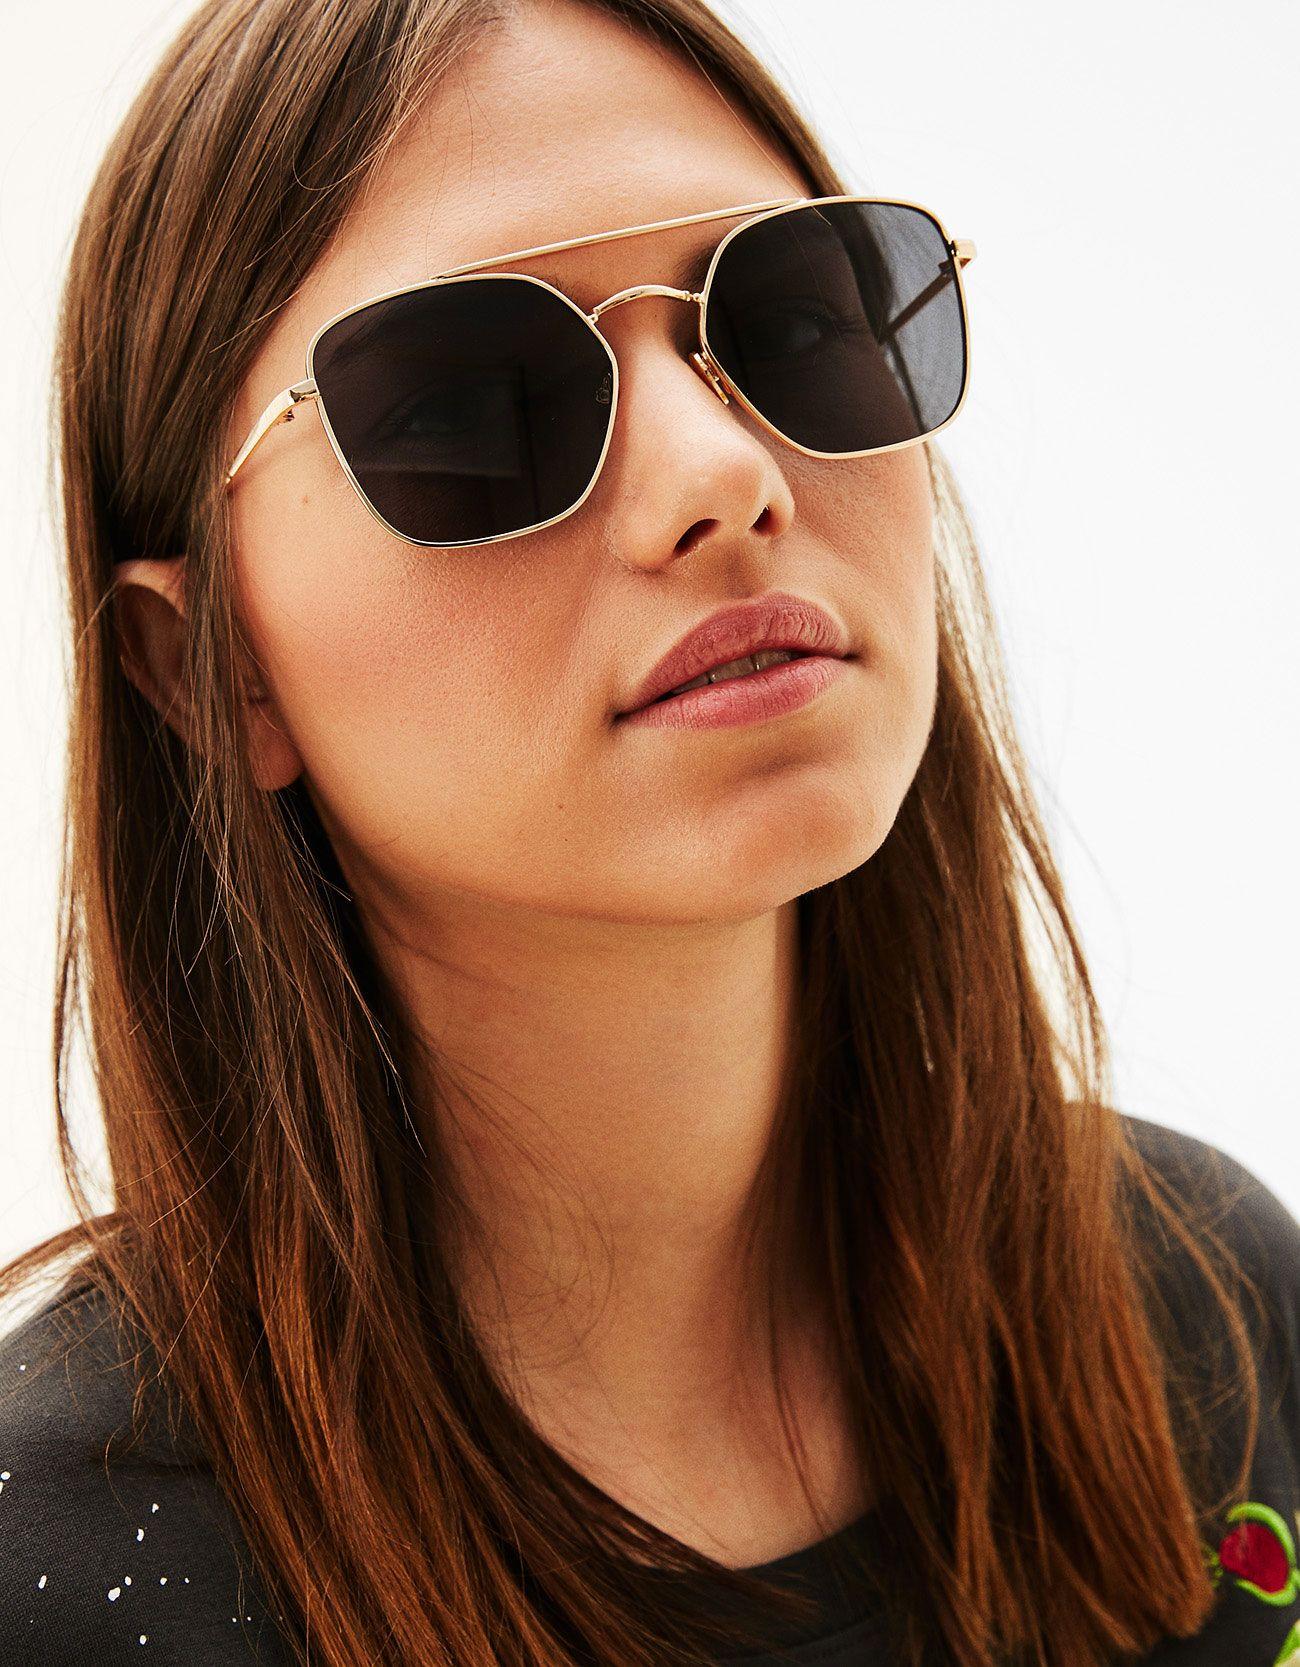 6ae99e97f2 Gafas de sol hexagonal aviador. Descubre ésta y muchas otras prendas en  Bershka con nuevos productos cada semana